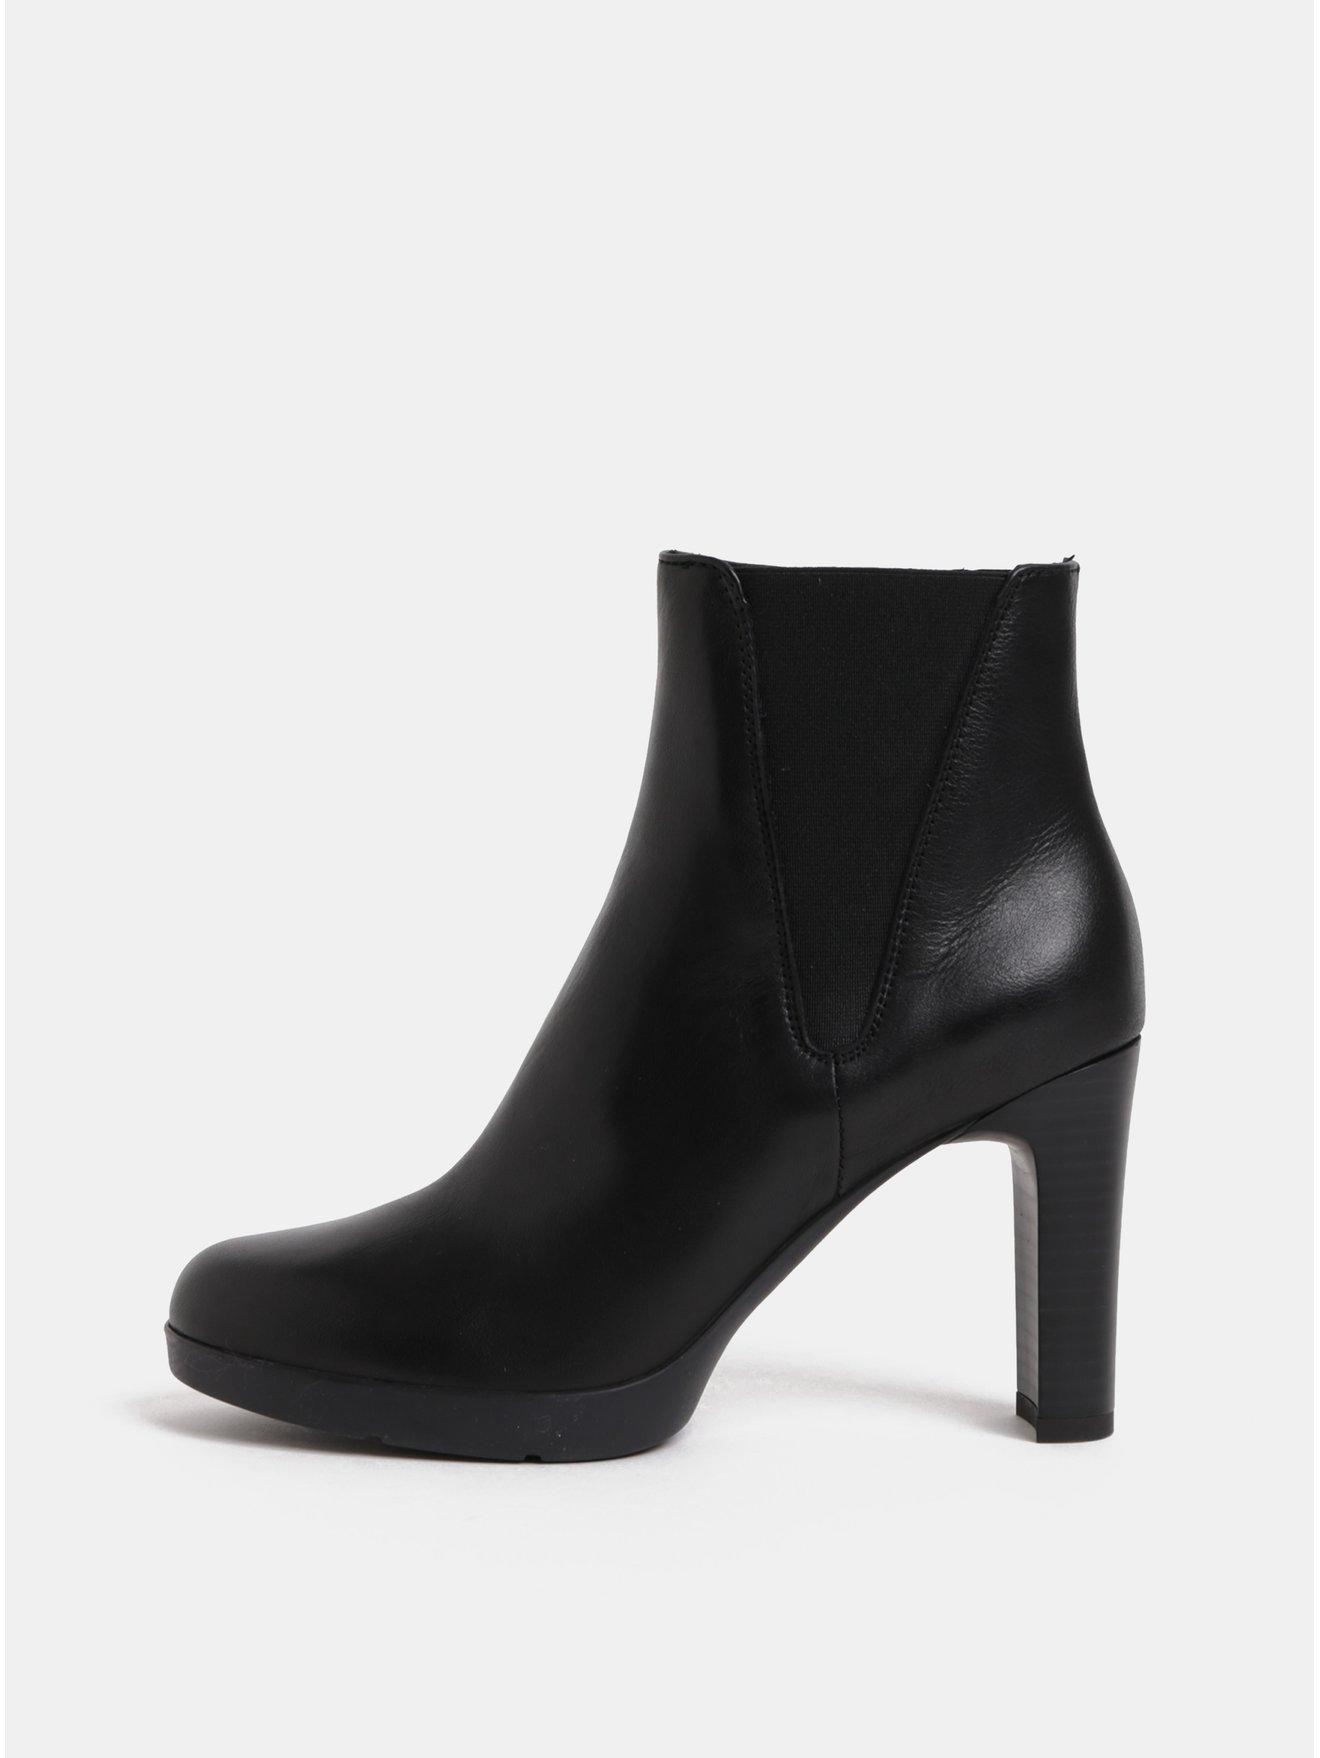 a4db564fb4d Černé dámské kožené kotníkové boty na vysokém podpatku Geox Annya